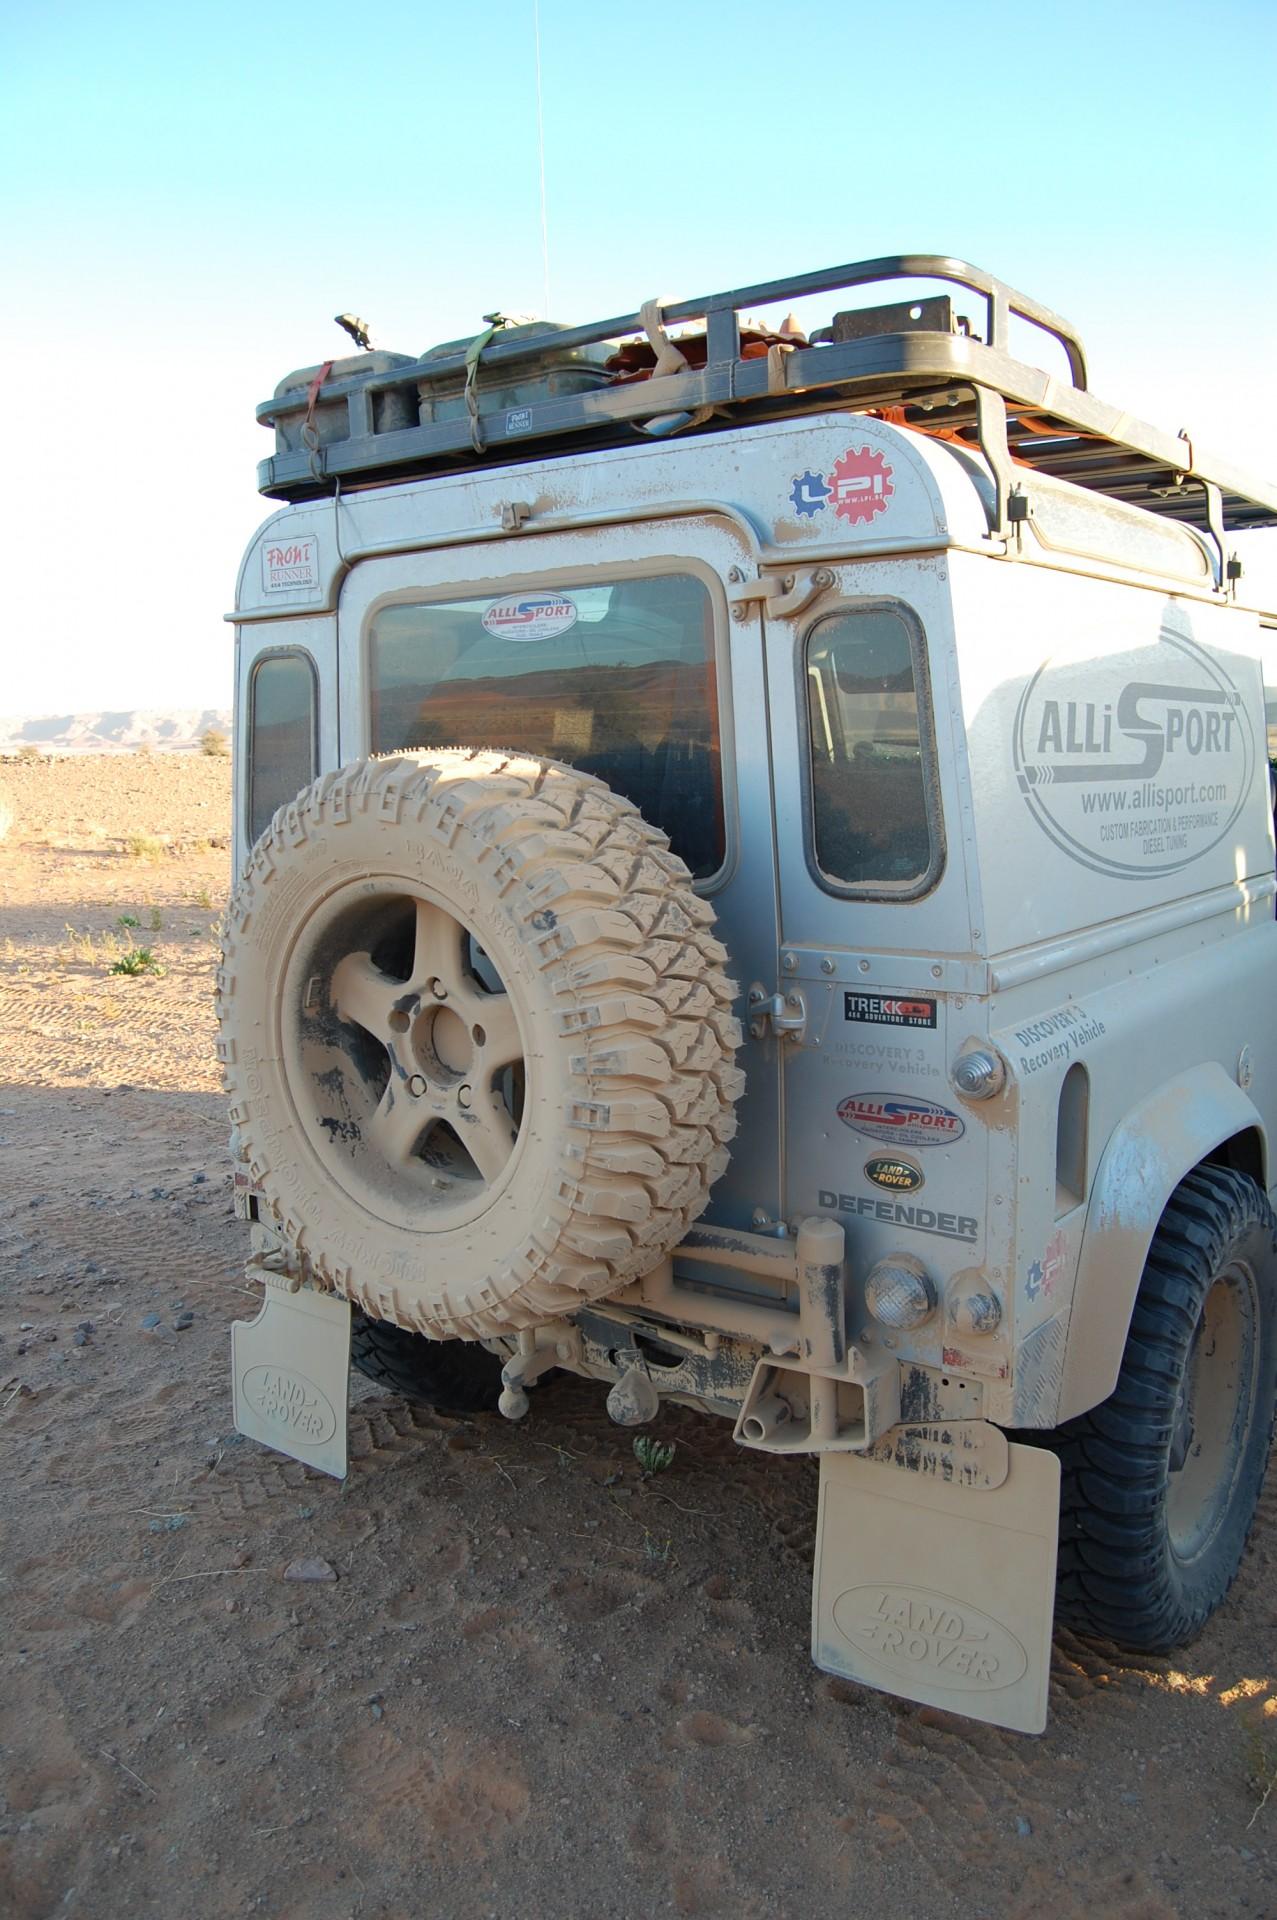 land rover defender spare wheel carrier allisport. Black Bedroom Furniture Sets. Home Design Ideas